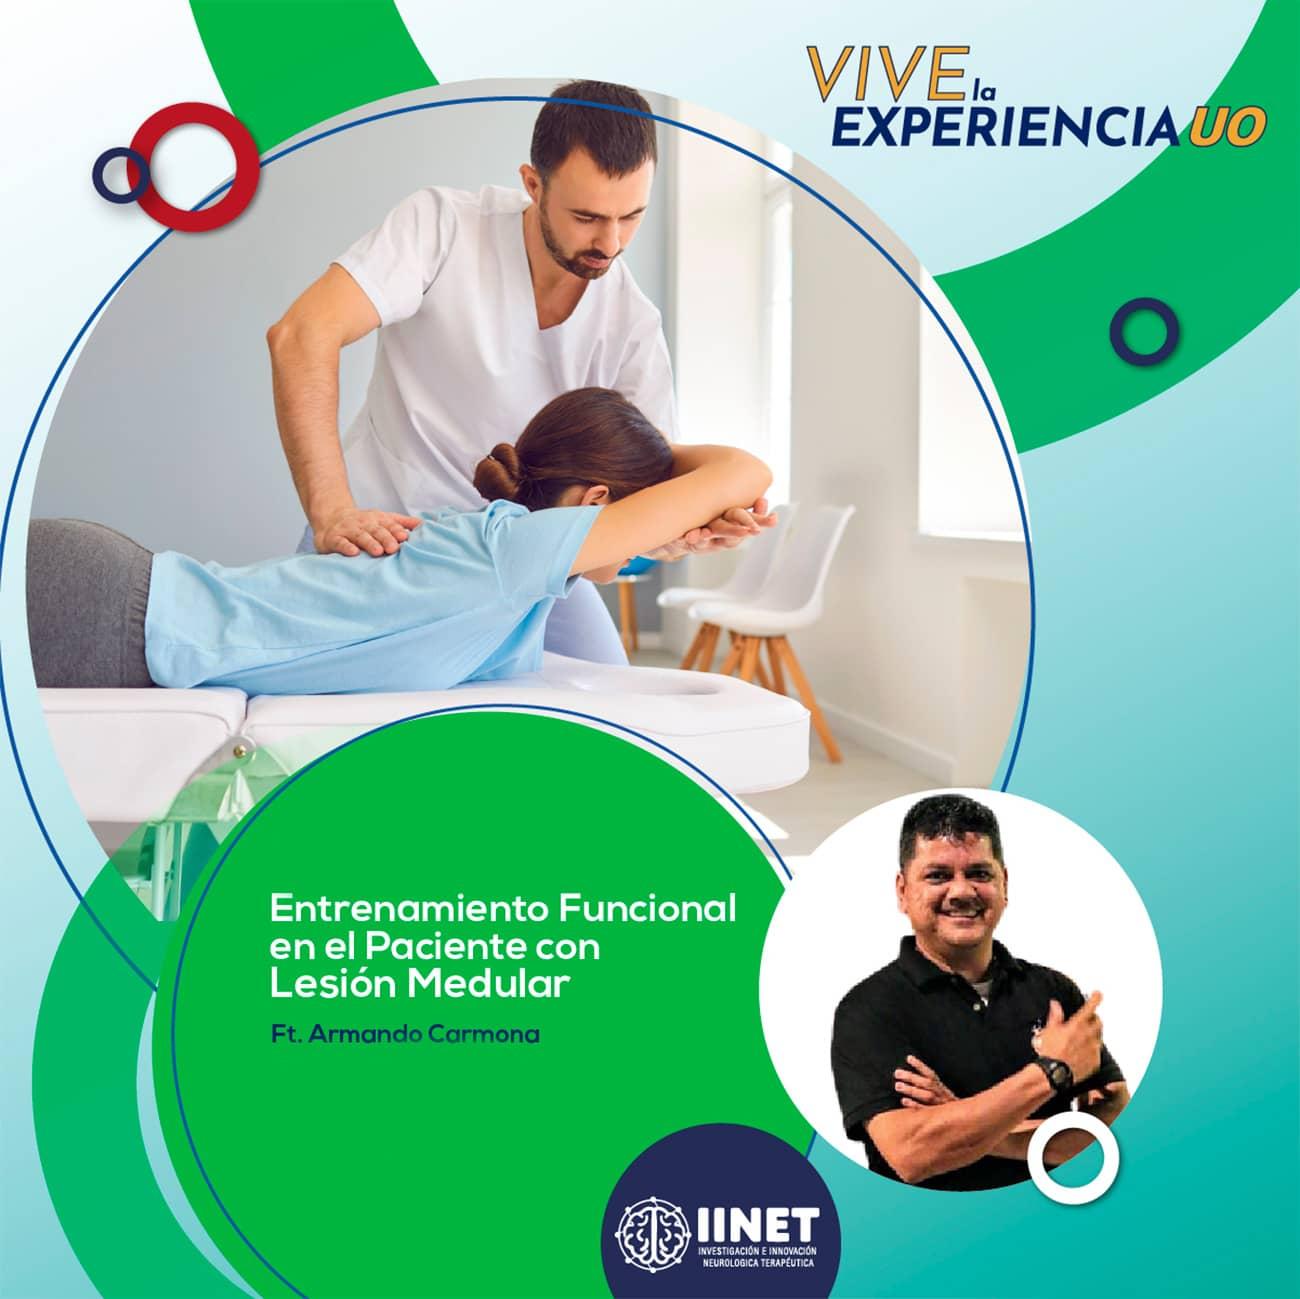 Entrenamiento funcional en pacientes con lesión medular